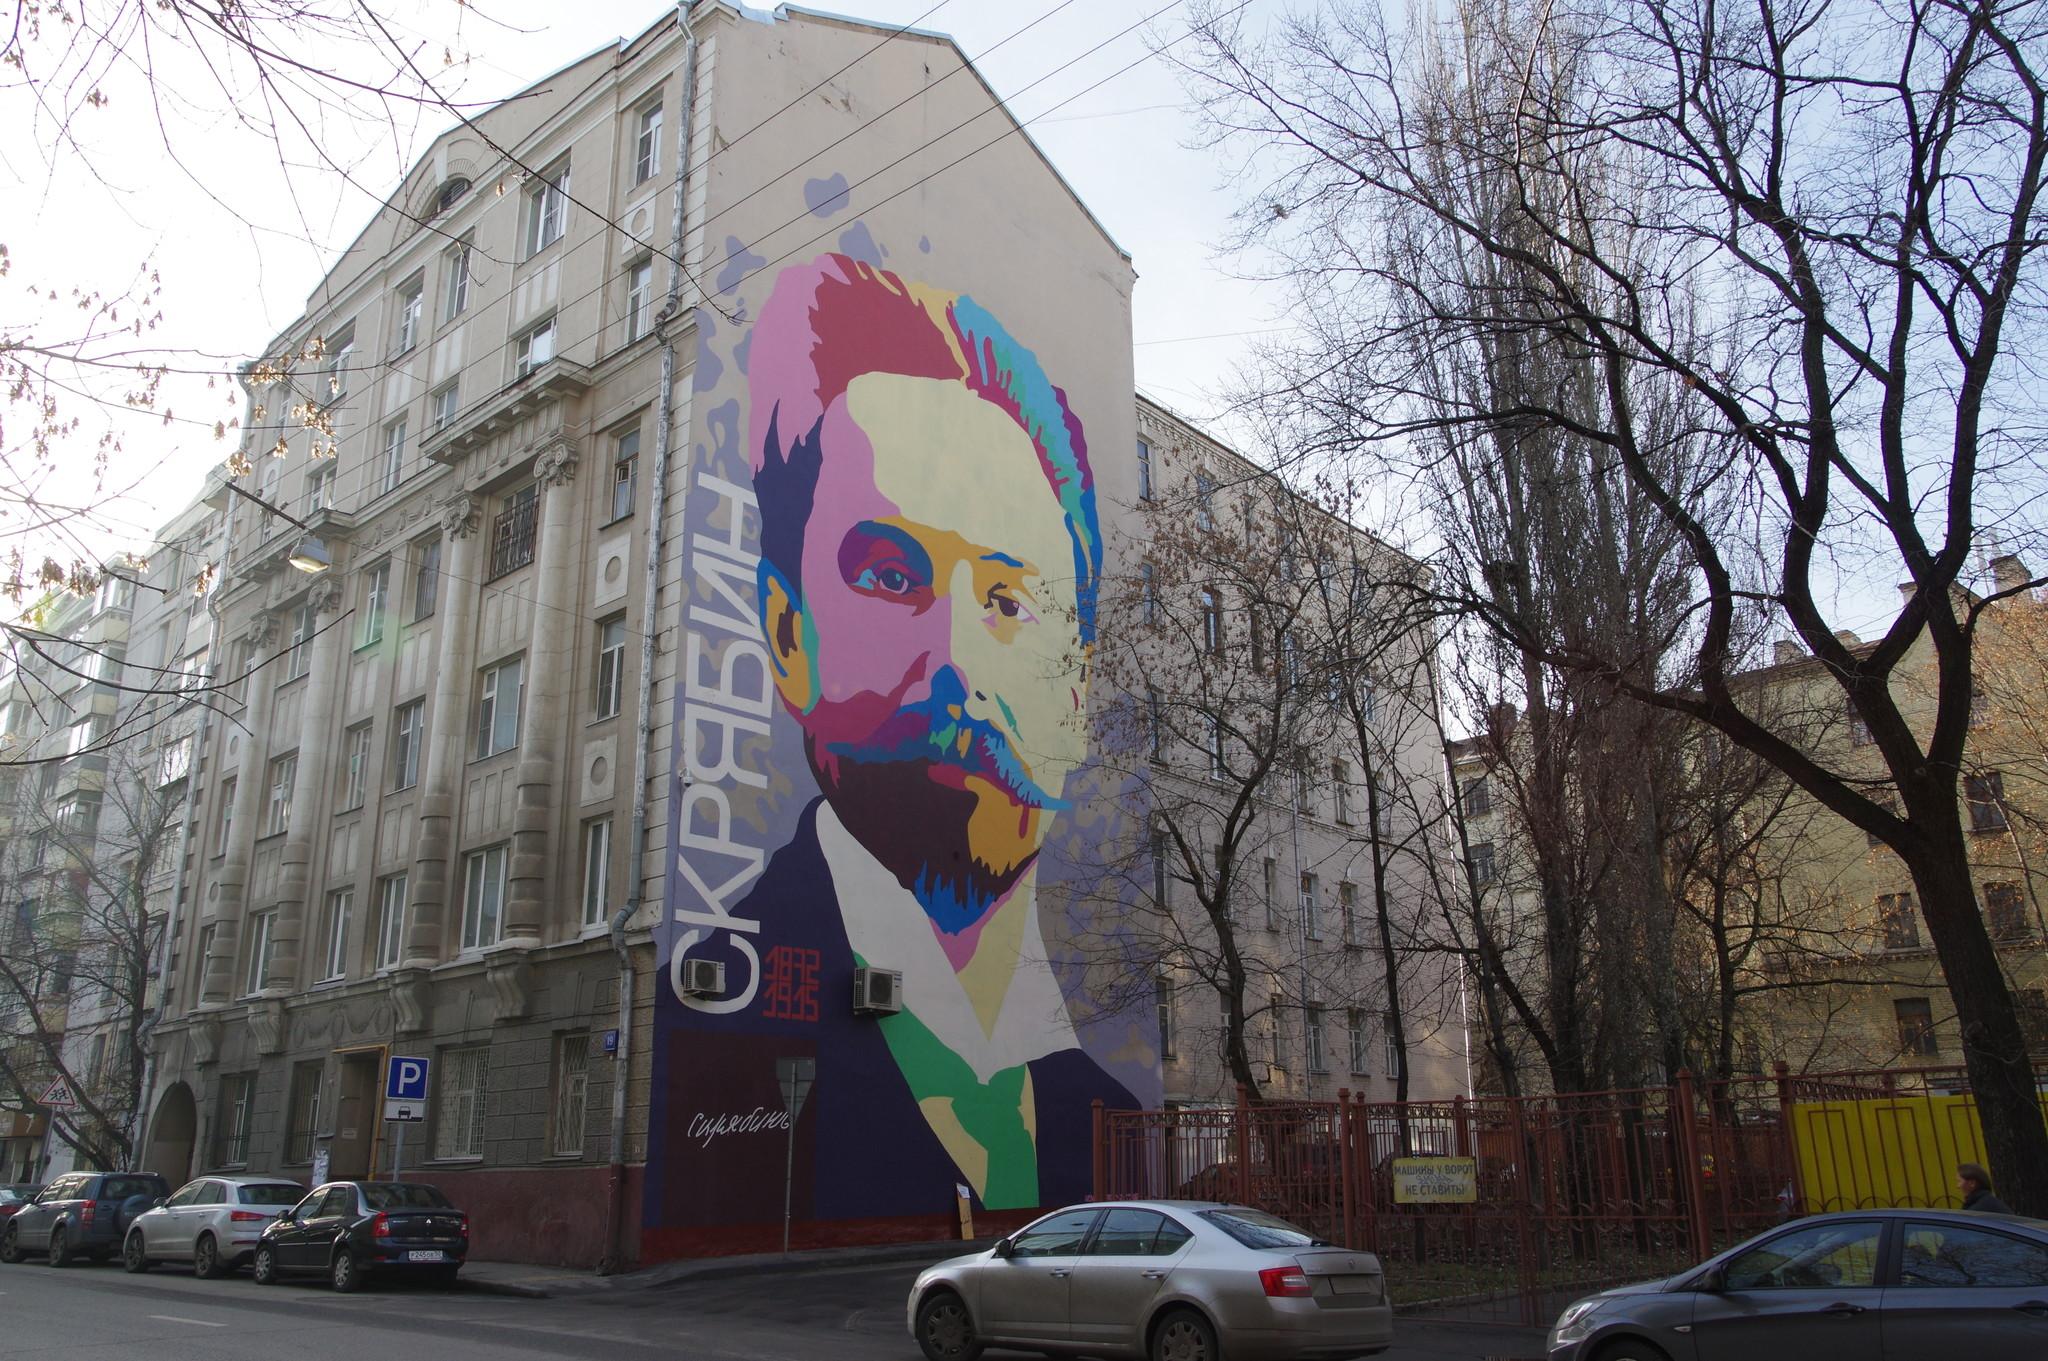 Граффити-портрет выдающегося русского композитора и пианиста Александра Николаевича Скрябина